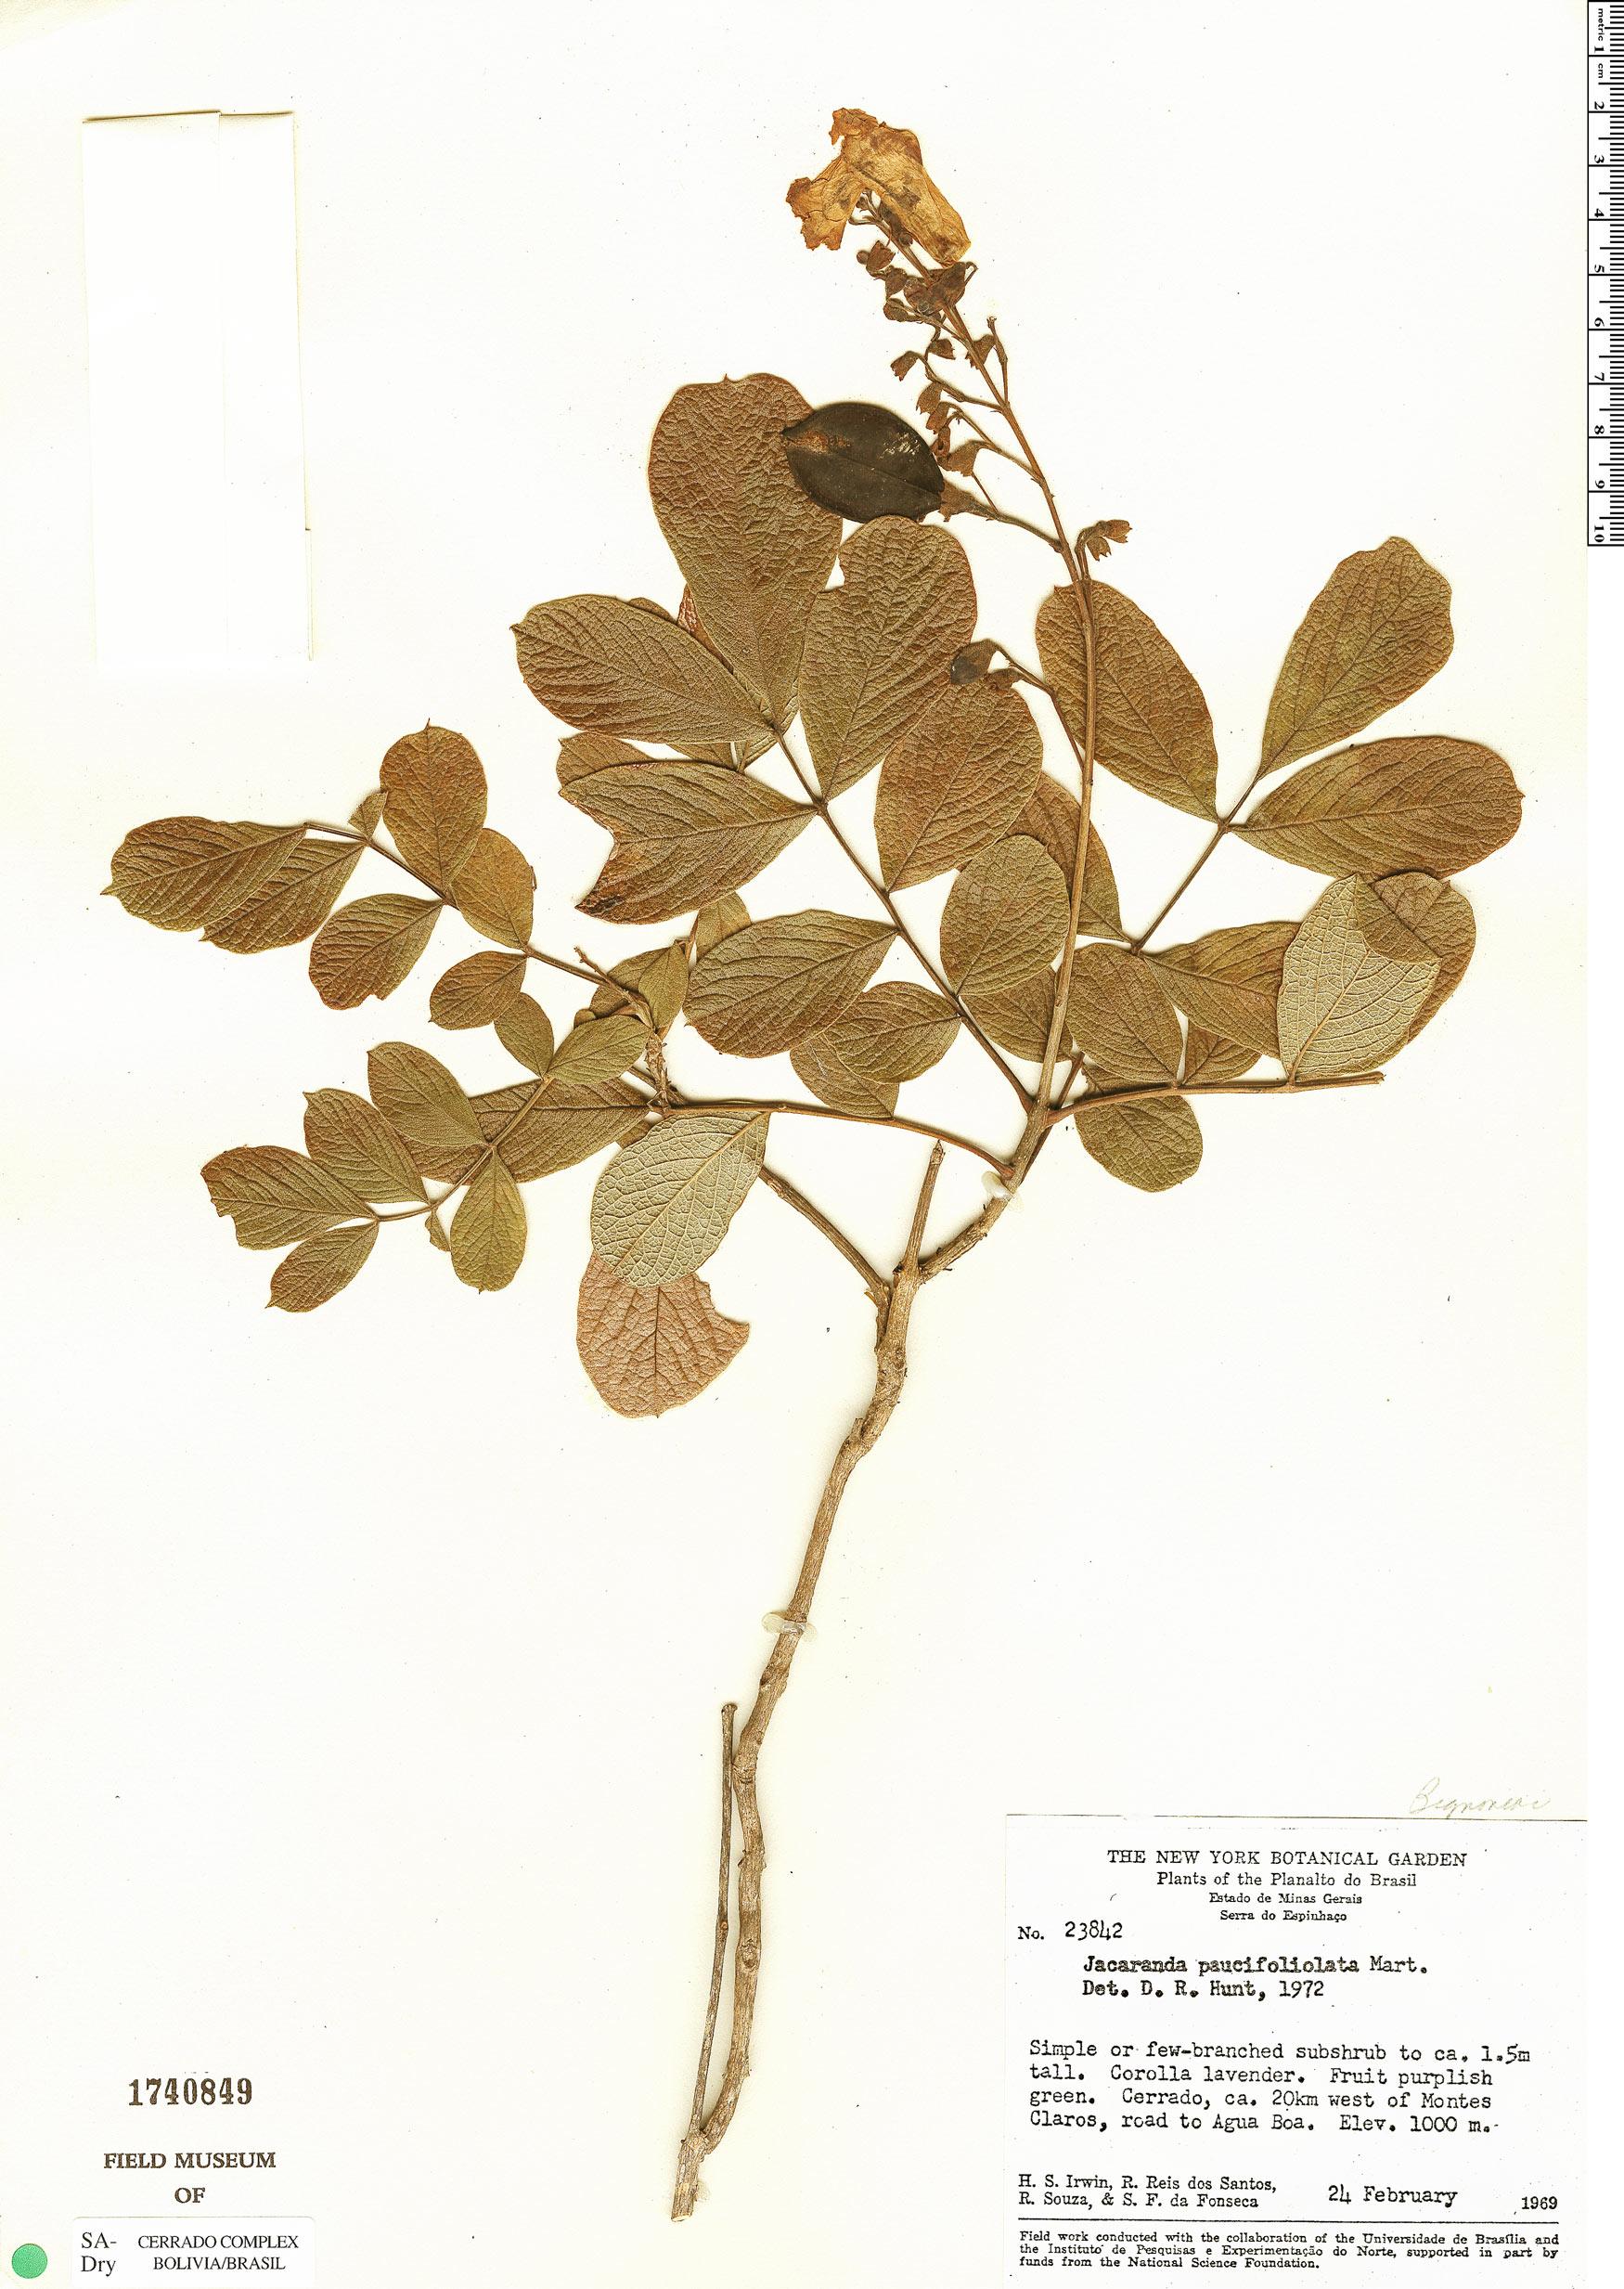 Specimen: Jacaranda paucifoliolata